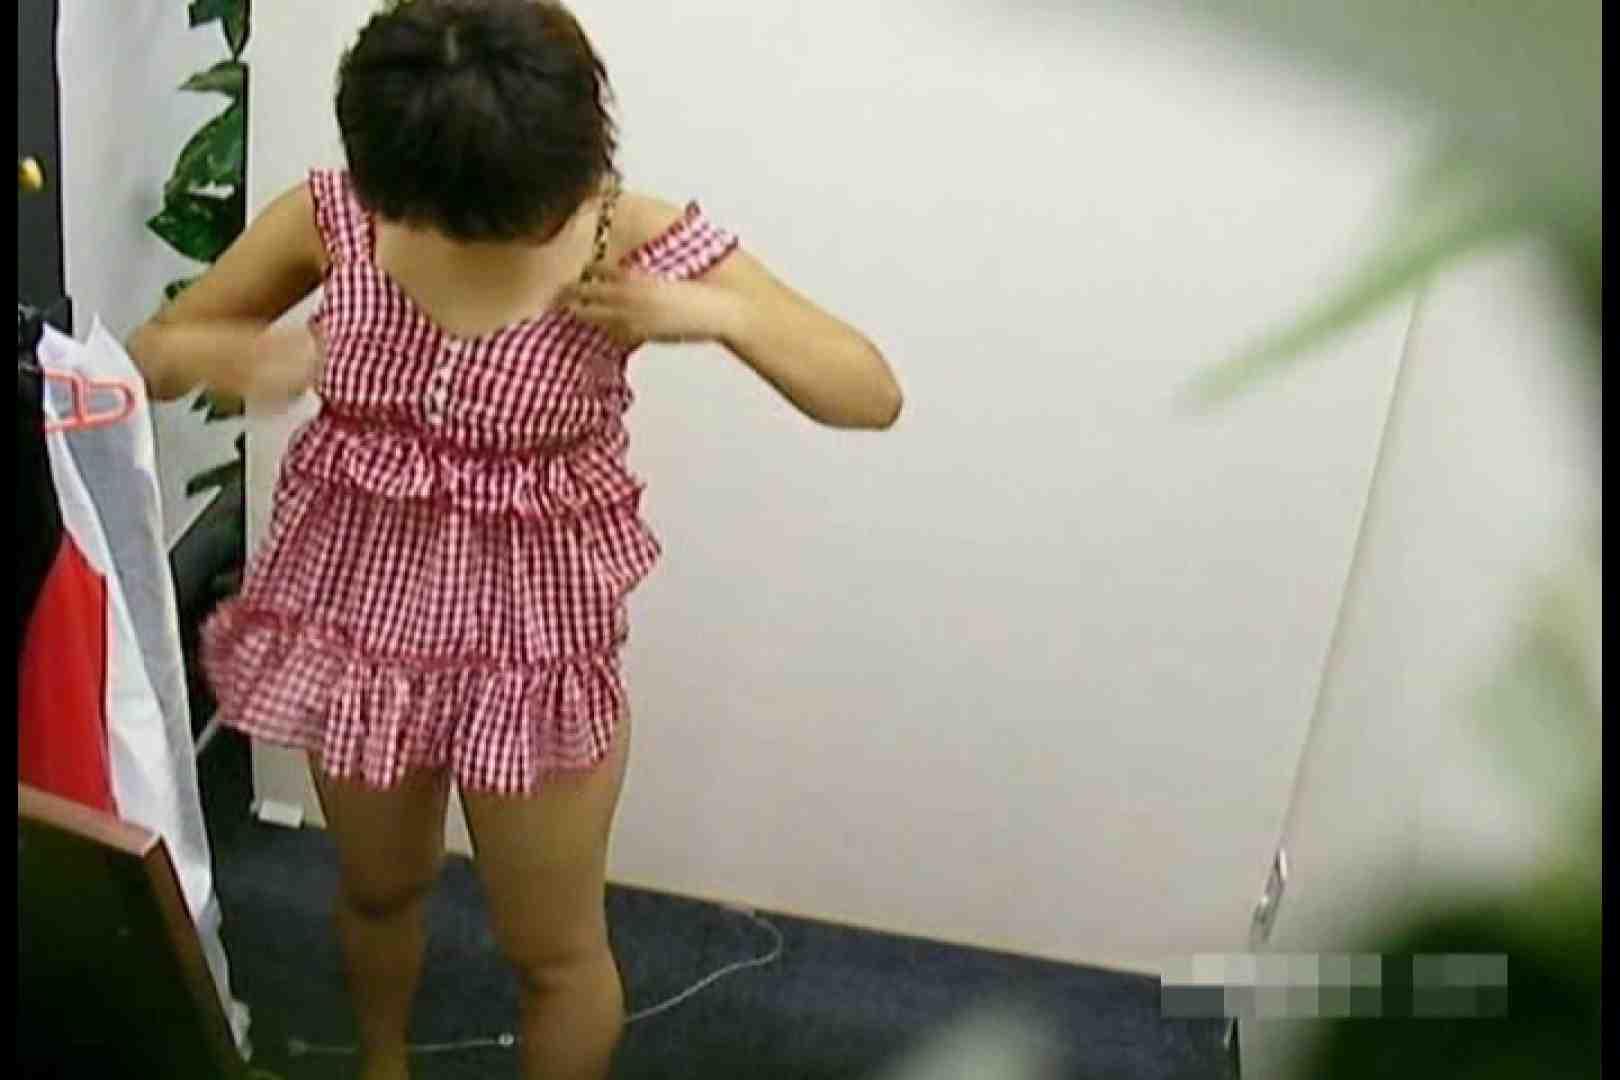 素人撮影 下着だけの撮影のはずが・・・エミちゃん18歳 おっぱい特集 盗み撮り動画 95pic 32